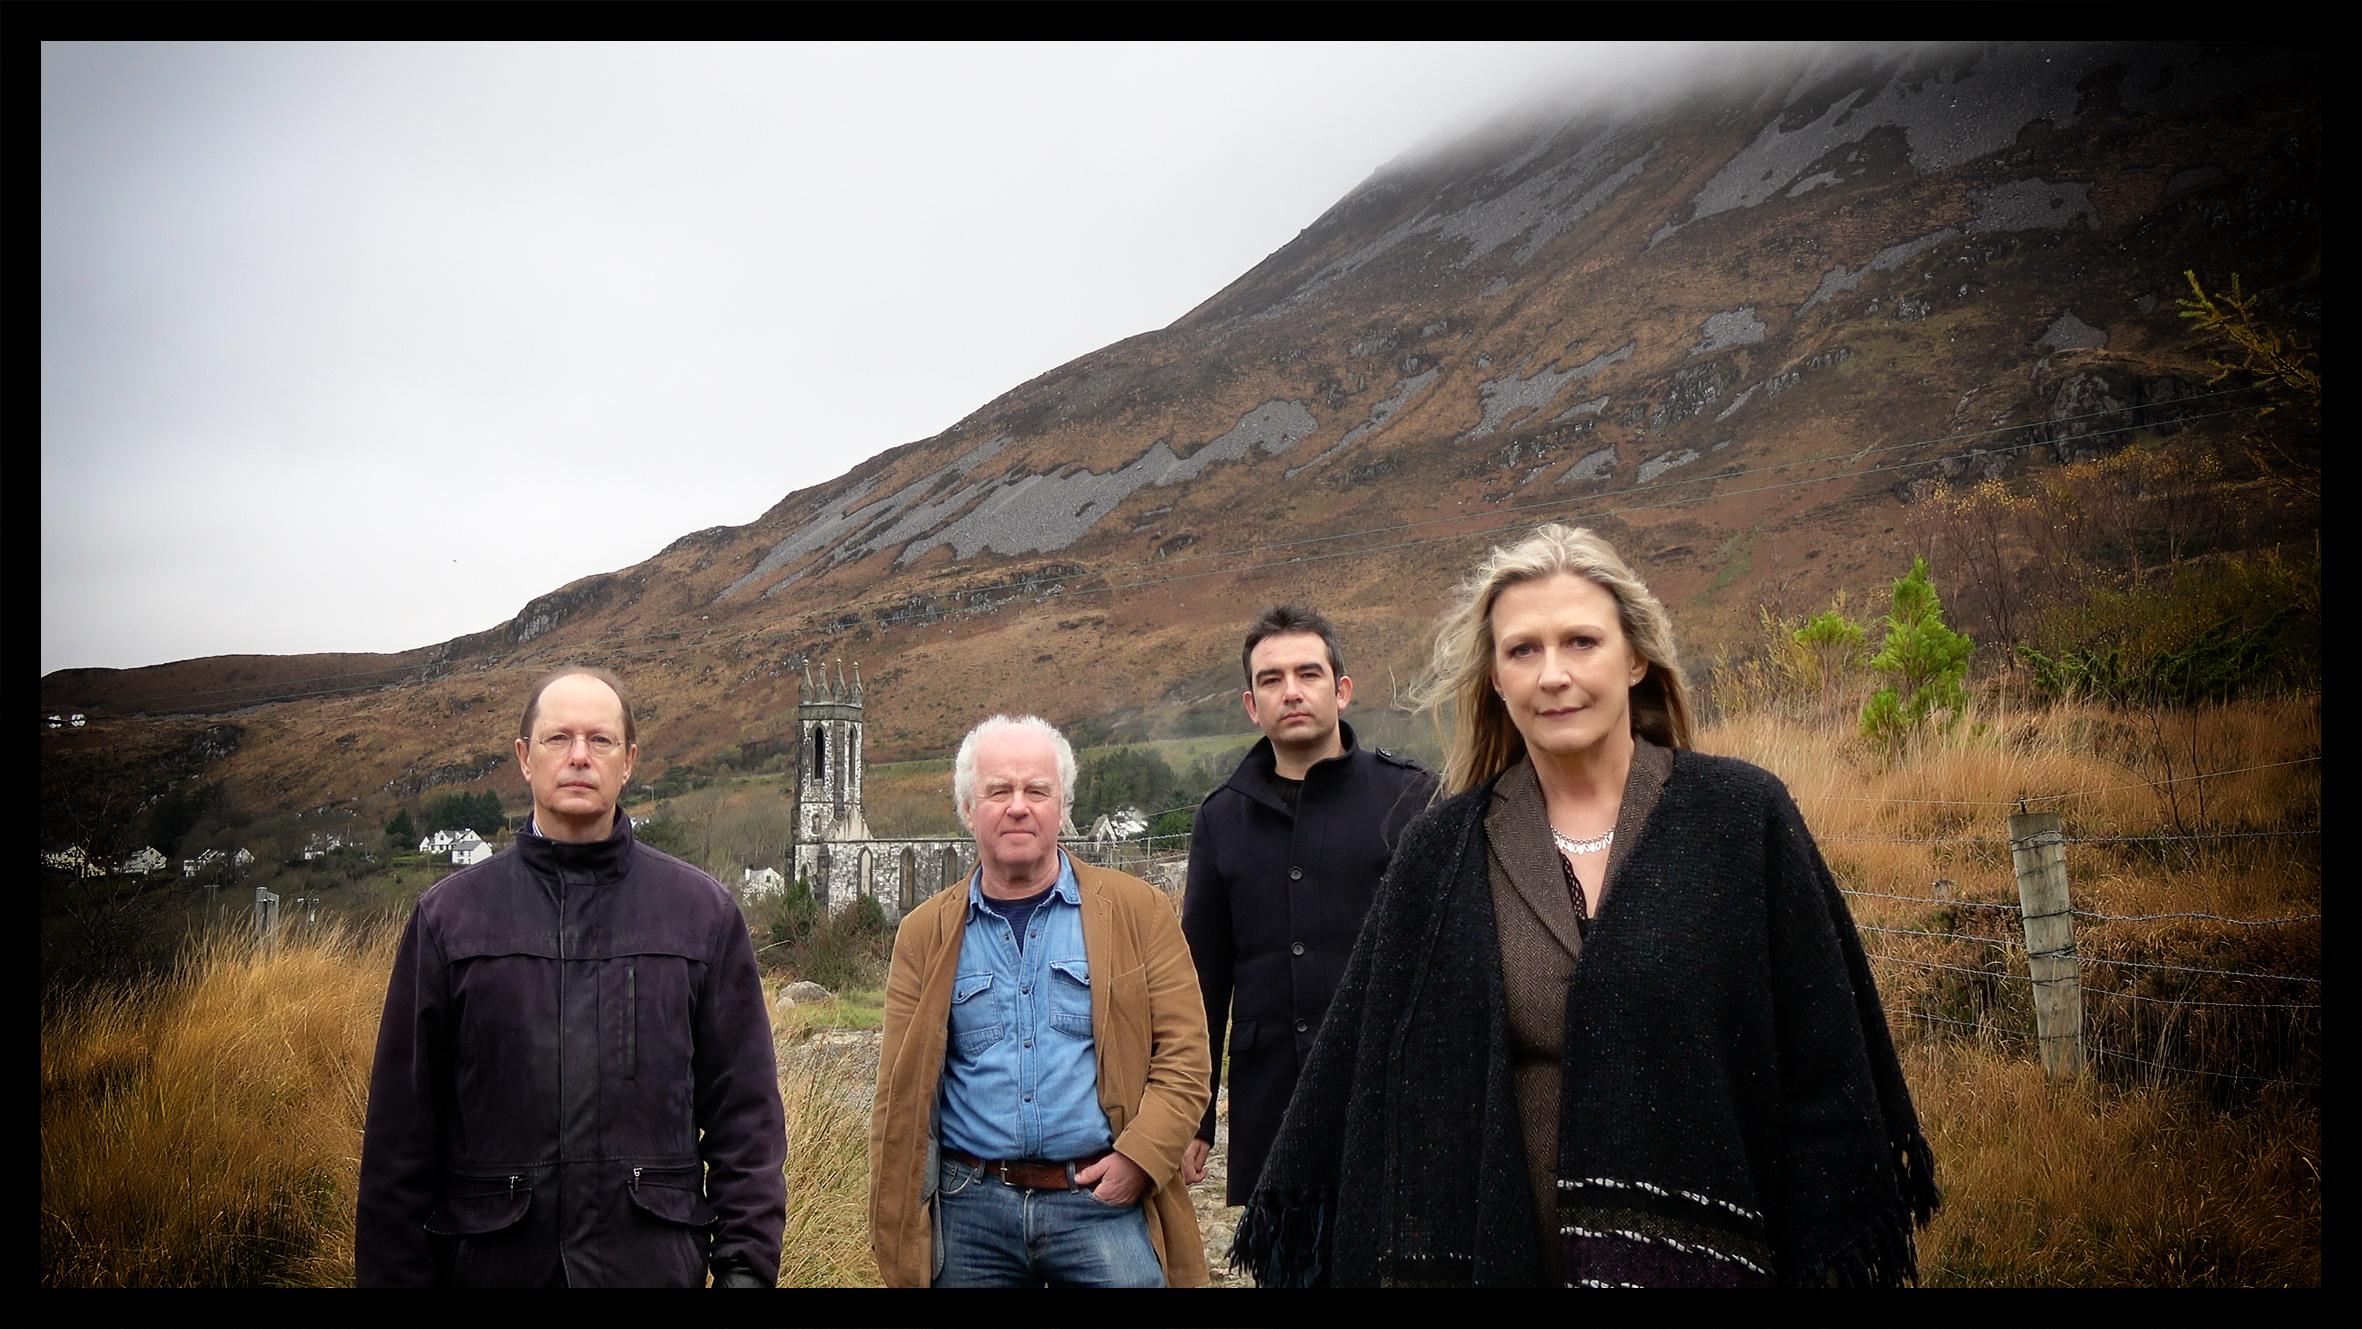 Altan – (from left) Mark Kelly, Ciarán Curran, Martin Tourish and Mairéad Ní Mhaonaigh. Absent from the photograph is guitarist Daíthí Sproule.